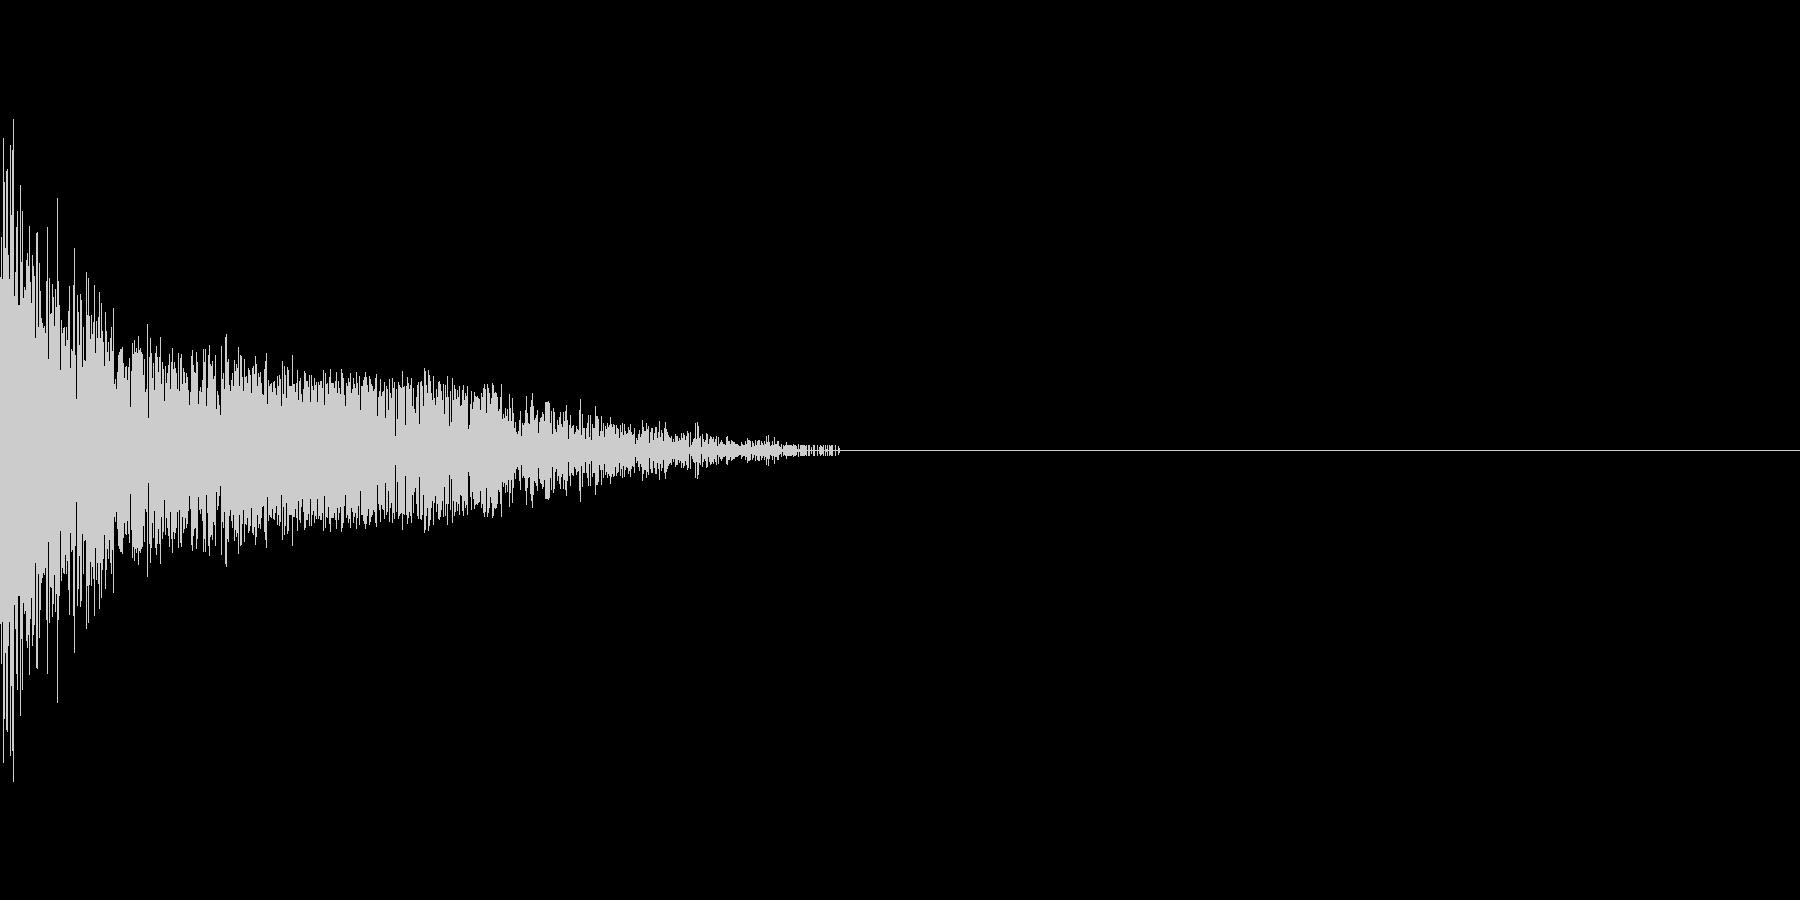 バシッと重い張り手のような音の未再生の波形